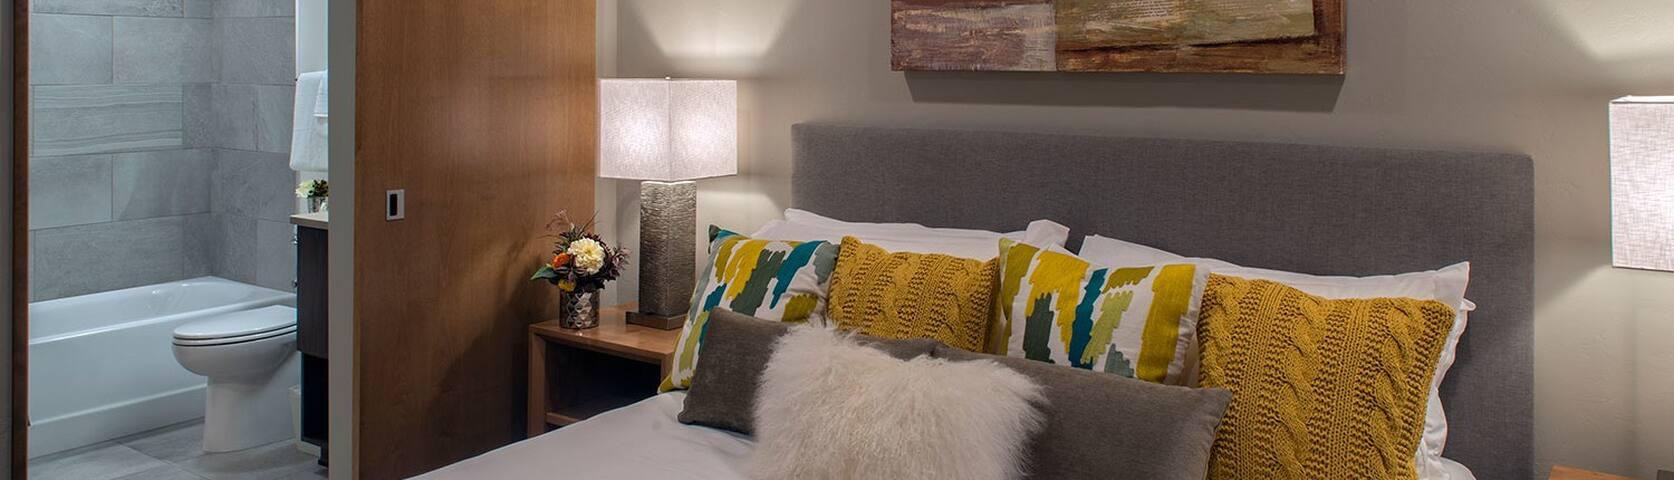 Grand Colorado on Peak 8 Suite (wk 11-18 Oct)